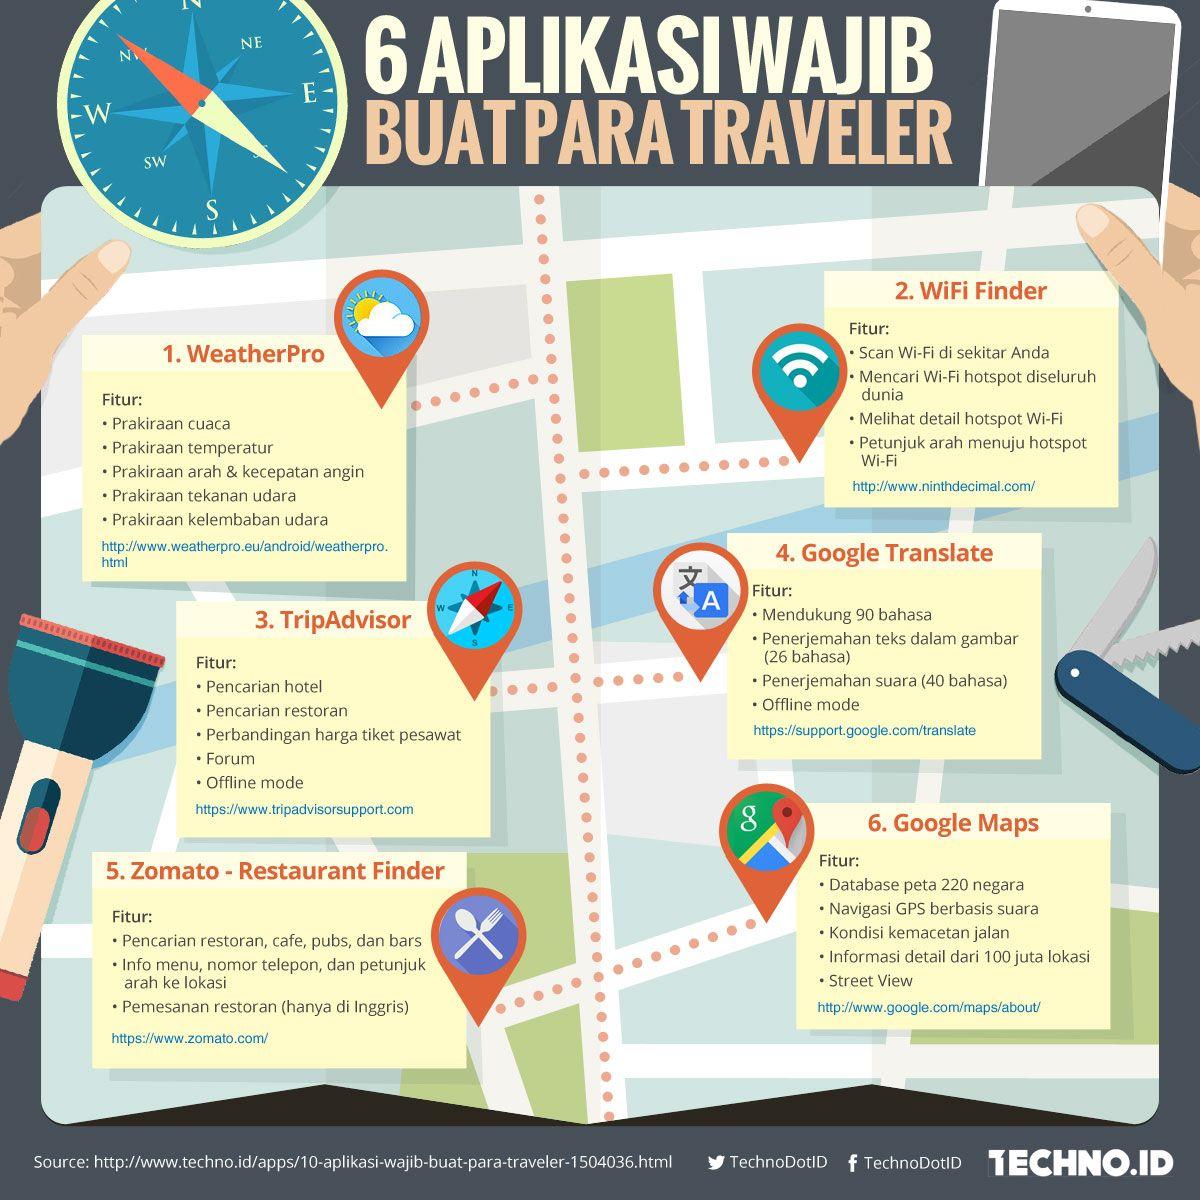 Aplikasi Wajib Buat Para Traveler Http Bit Ly 2128fnw Pelembab Udara Penekanan Petunjuk